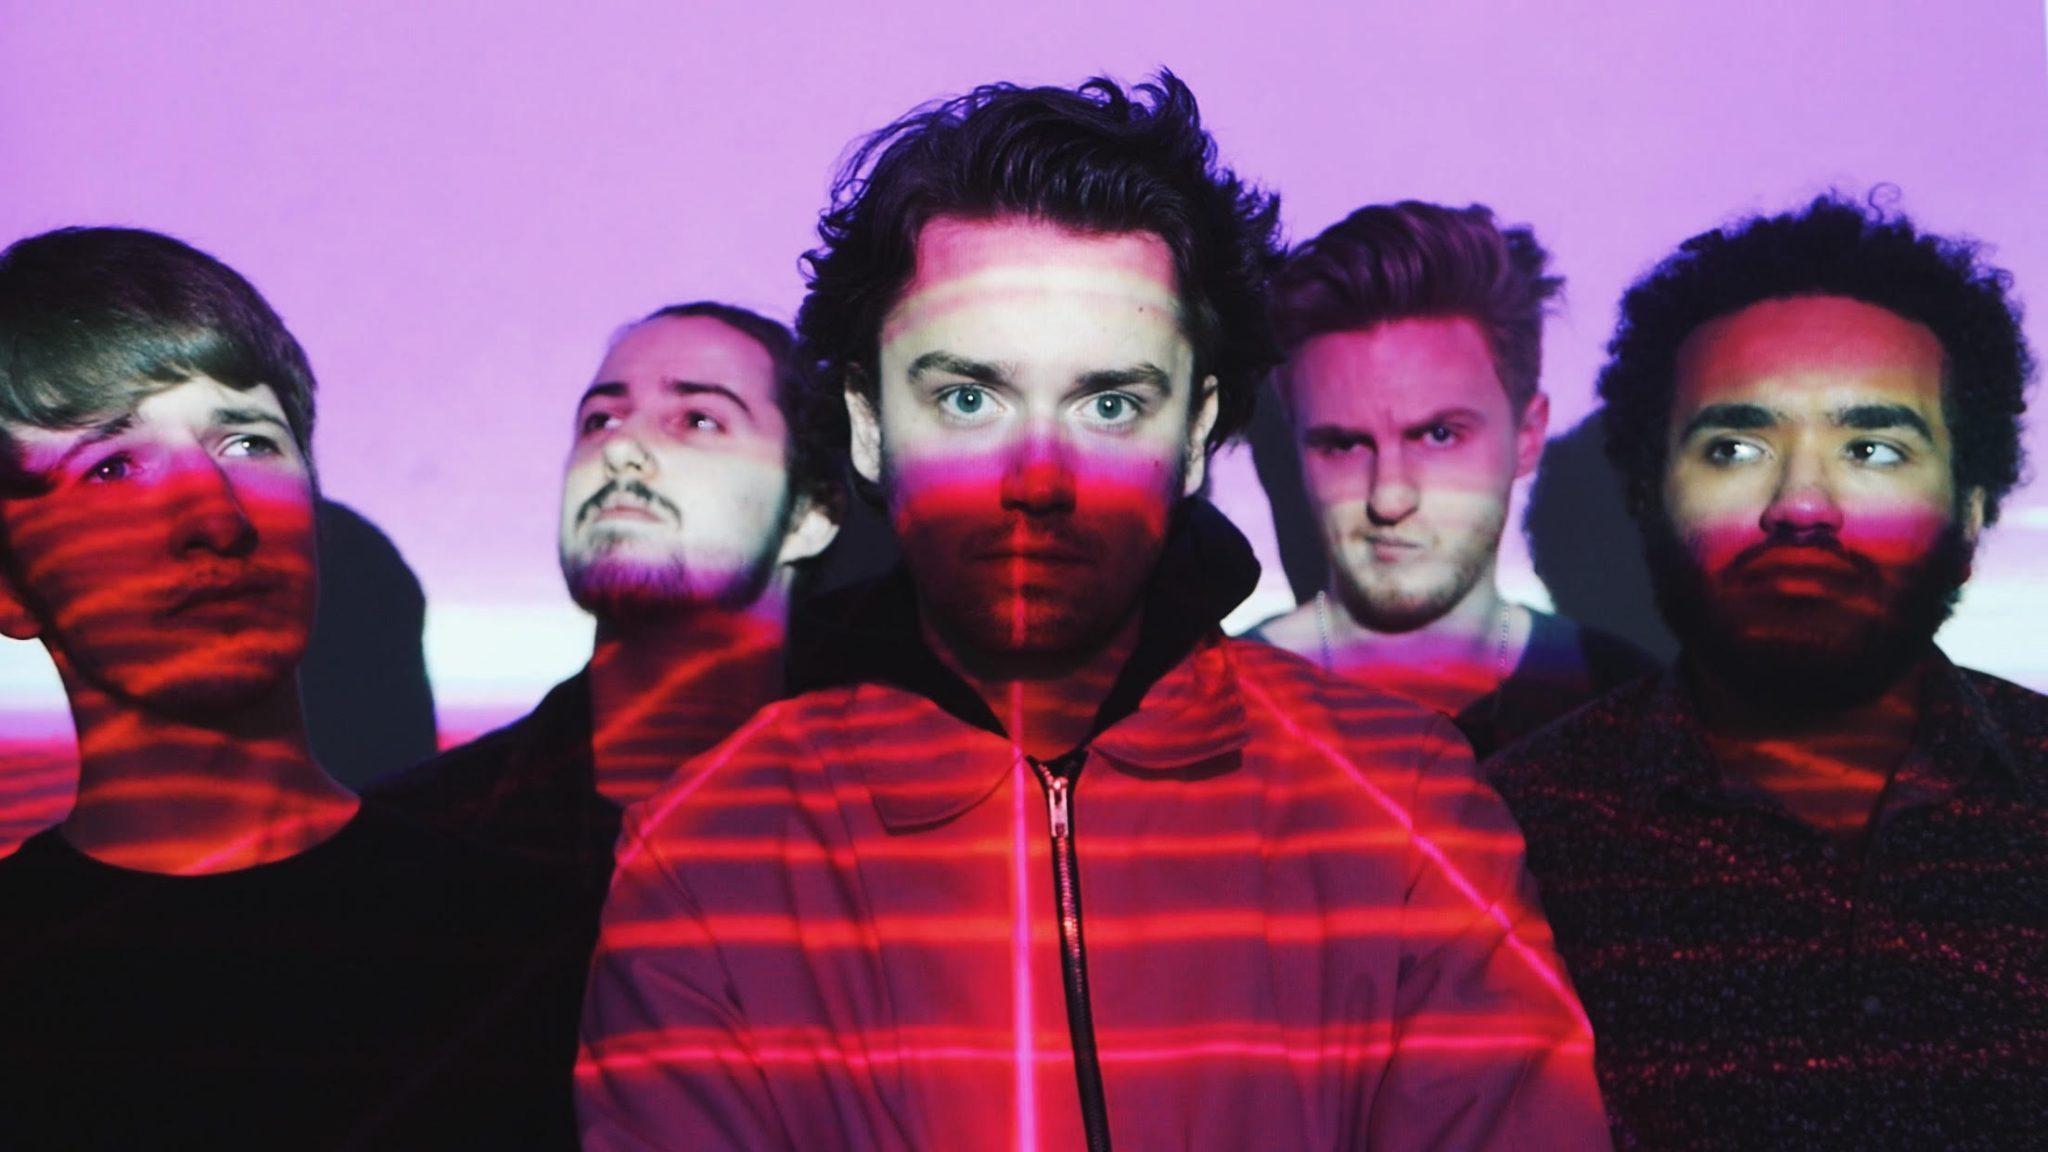 listen-prelude-by-fletcher jackson-UK-indie music-new music-indie rock-music blog-indie blog-wolf in a suit-wolfinasuit-wolf in a suit blog-wolf in a suit music blog